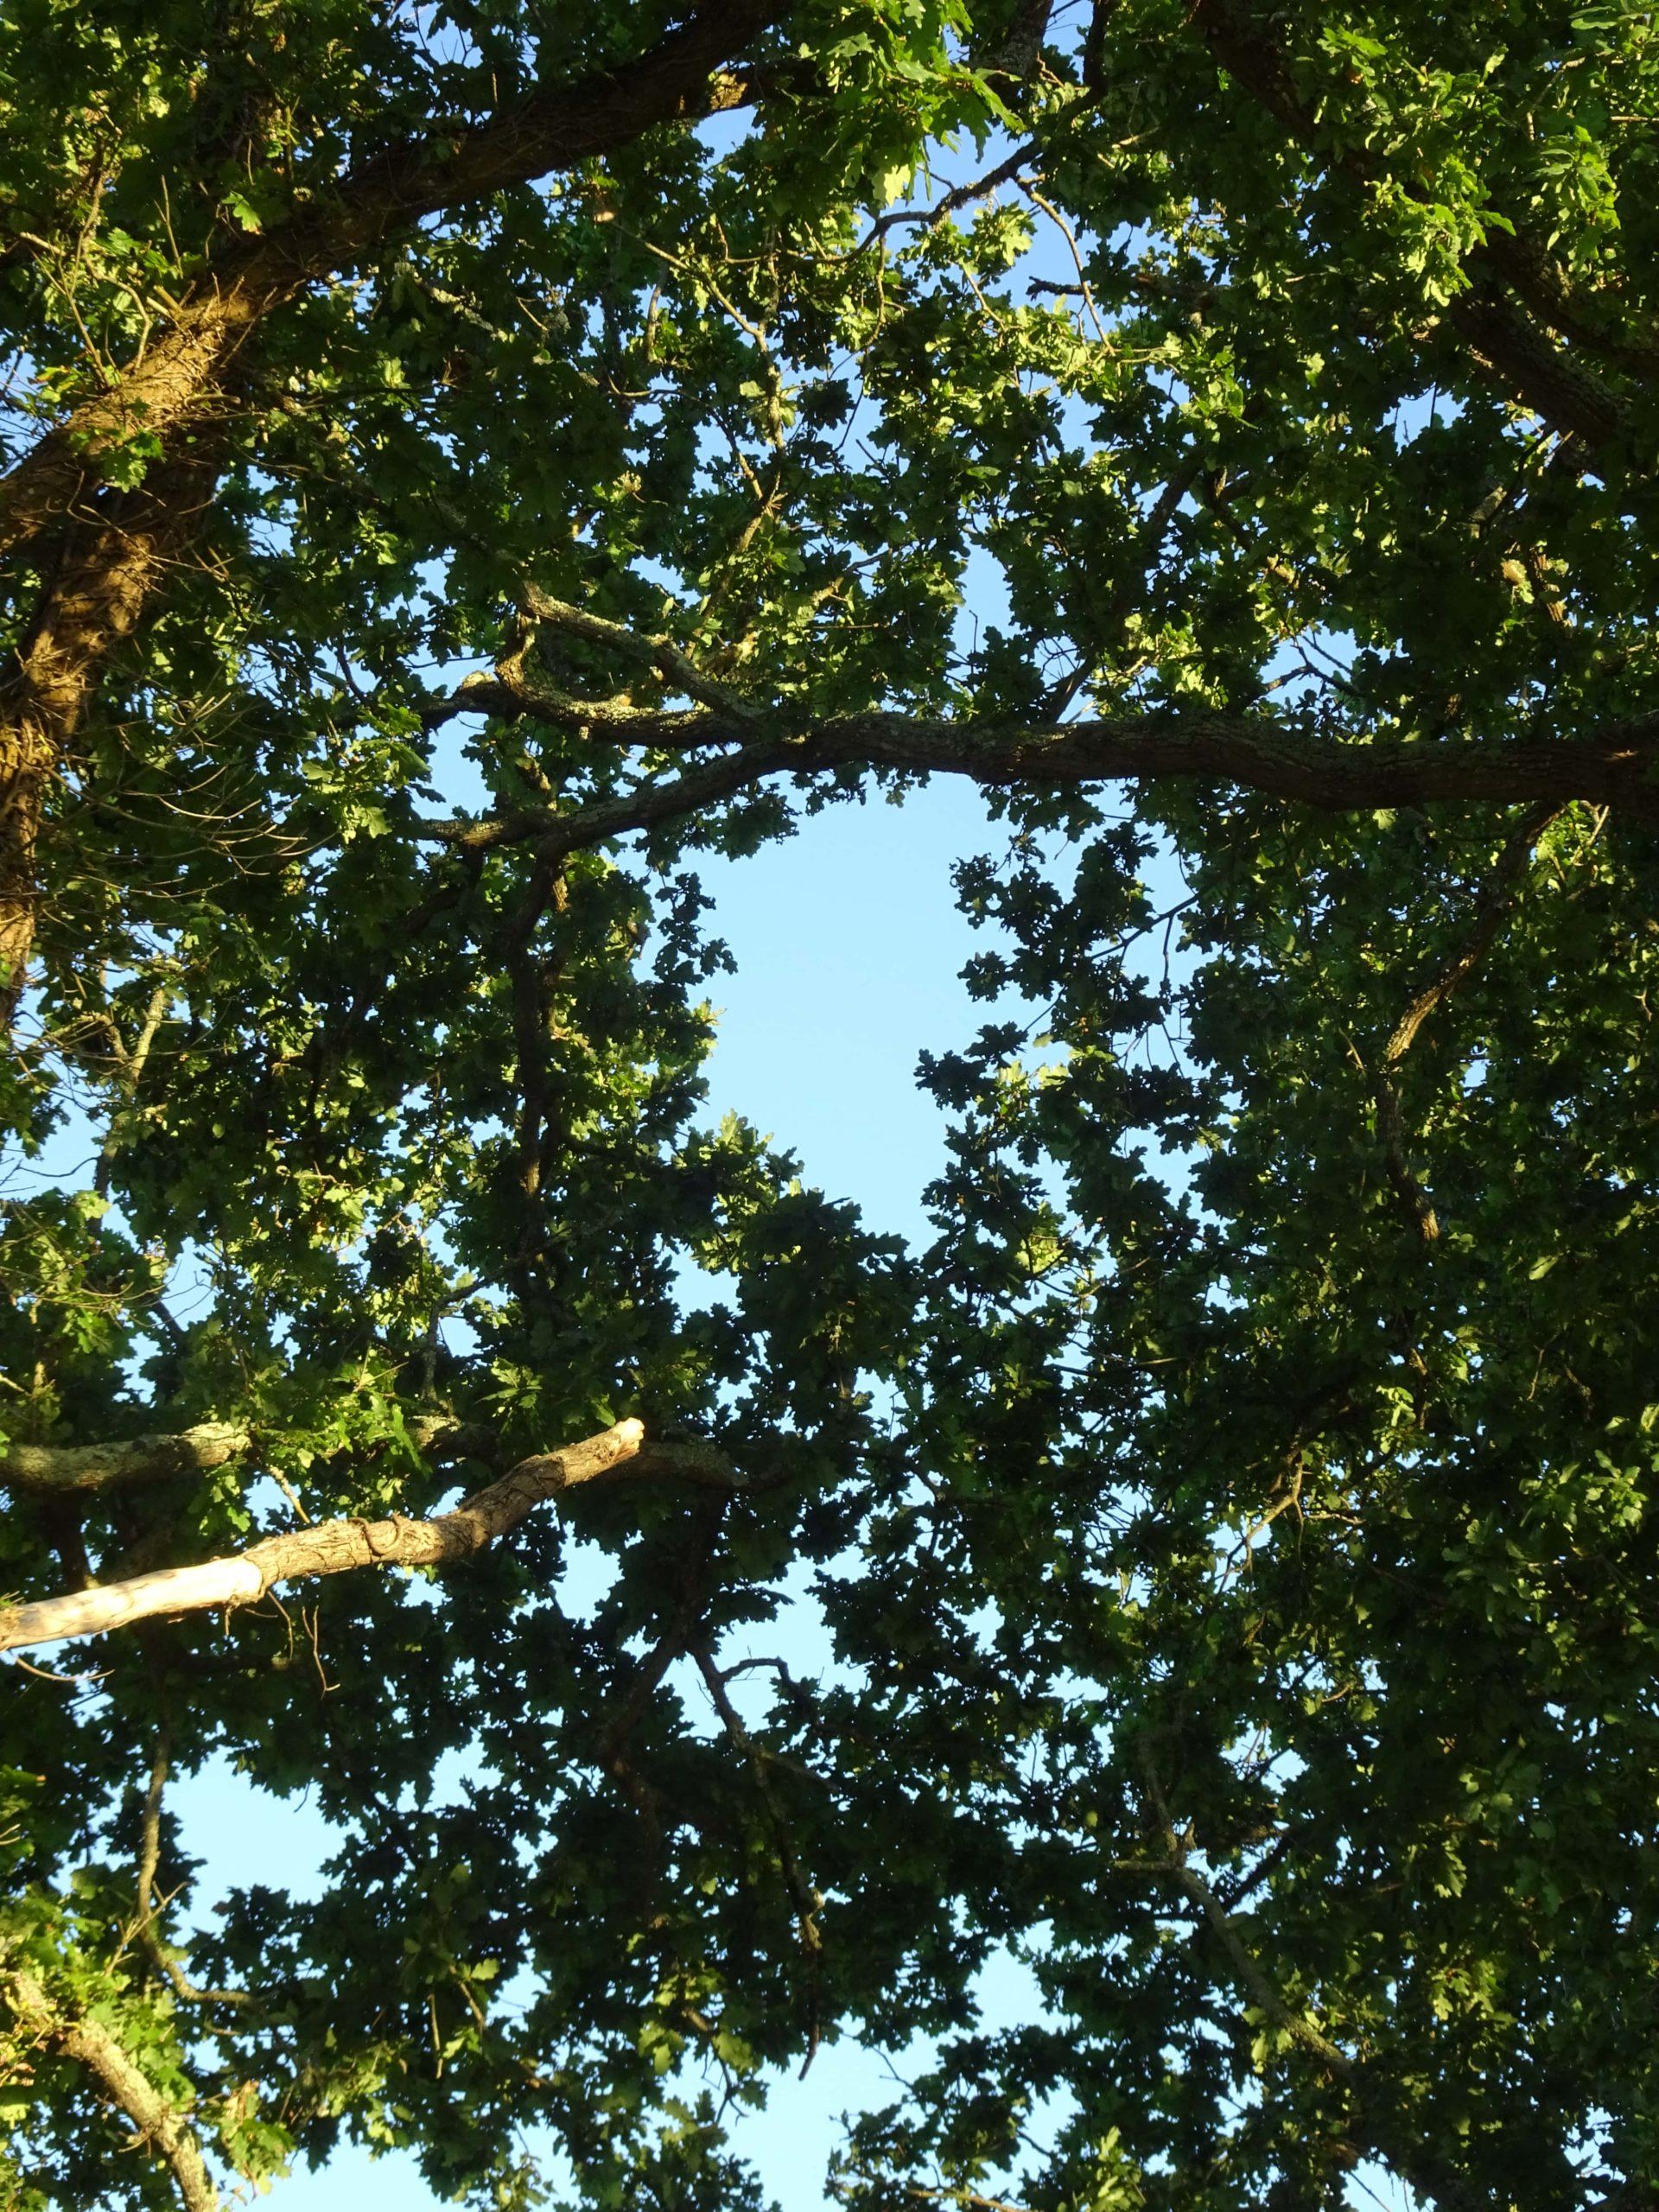 la lumière dans les branches